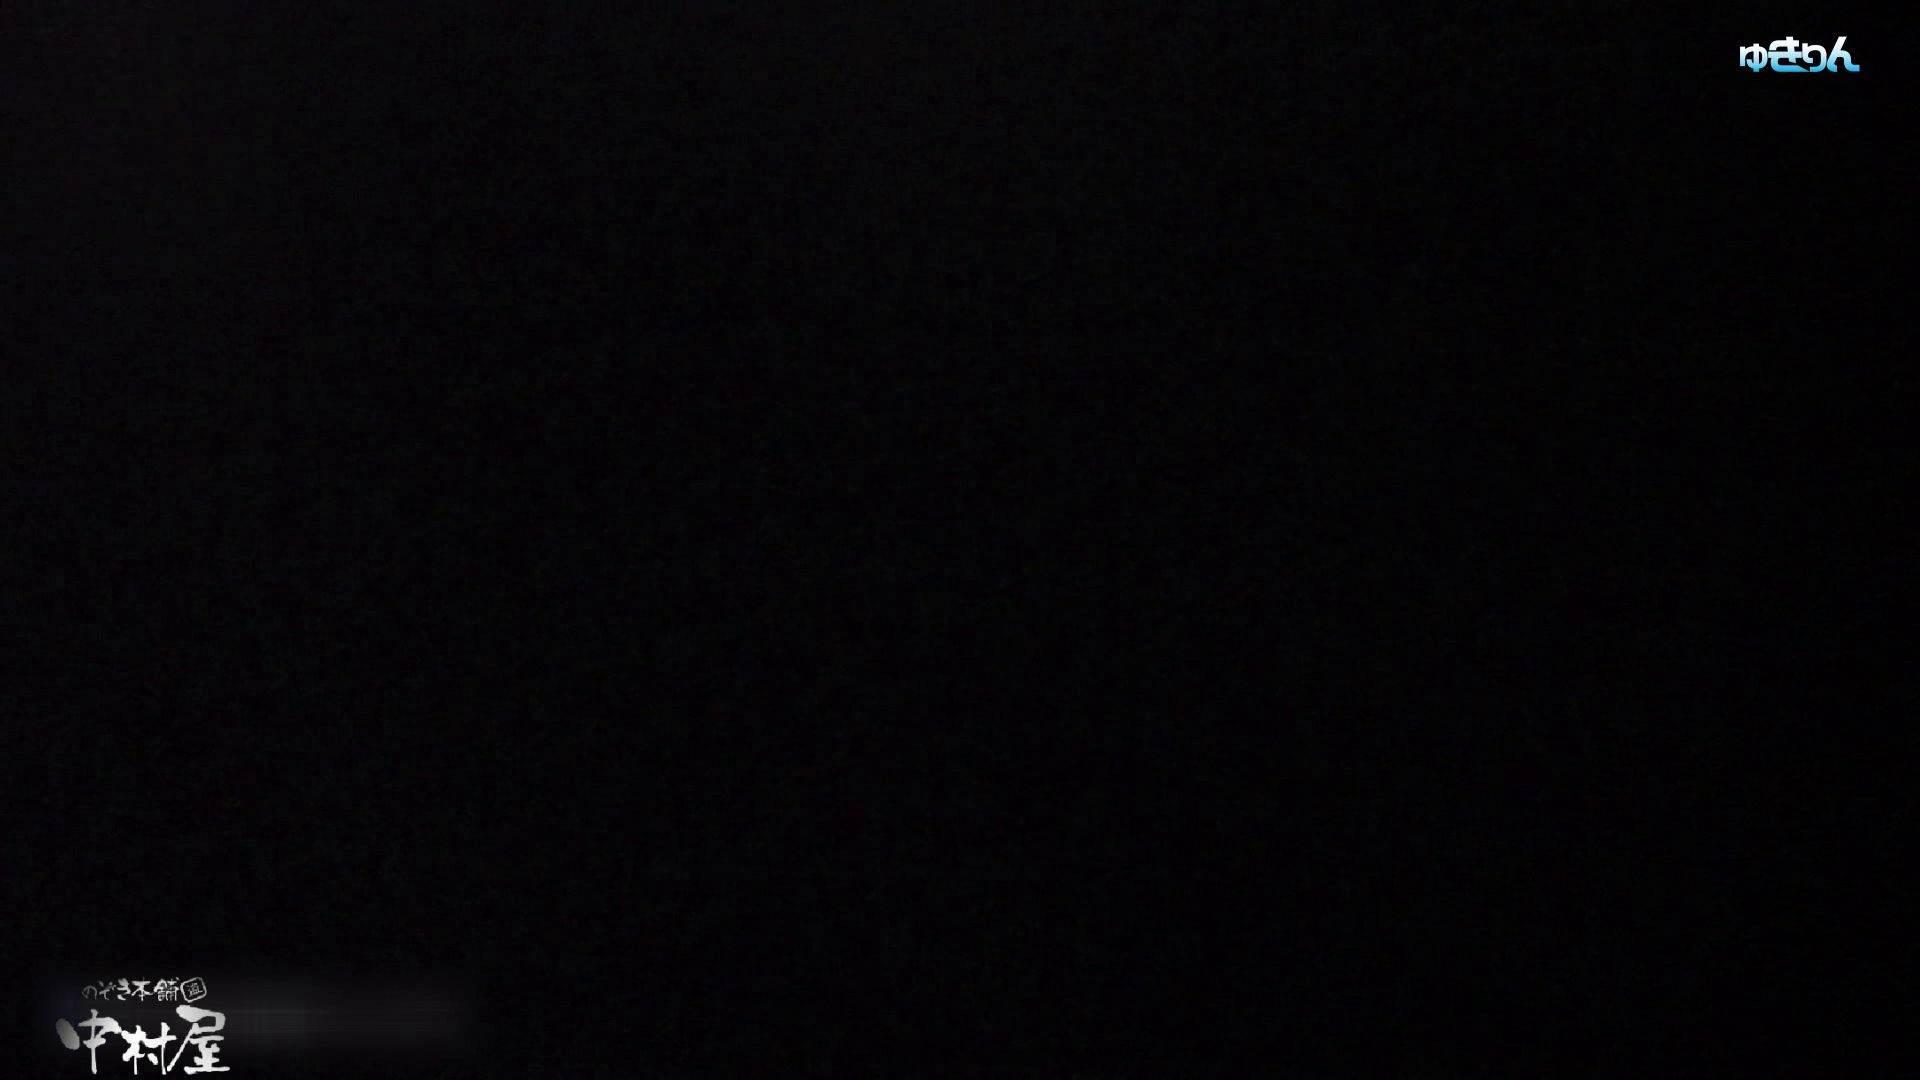 世界の射窓から~ステーション編 vol61 レベルアップ!!画質アップ、再発進 おまんこ見放題 | 盗撮シリーズ  85PIX 81